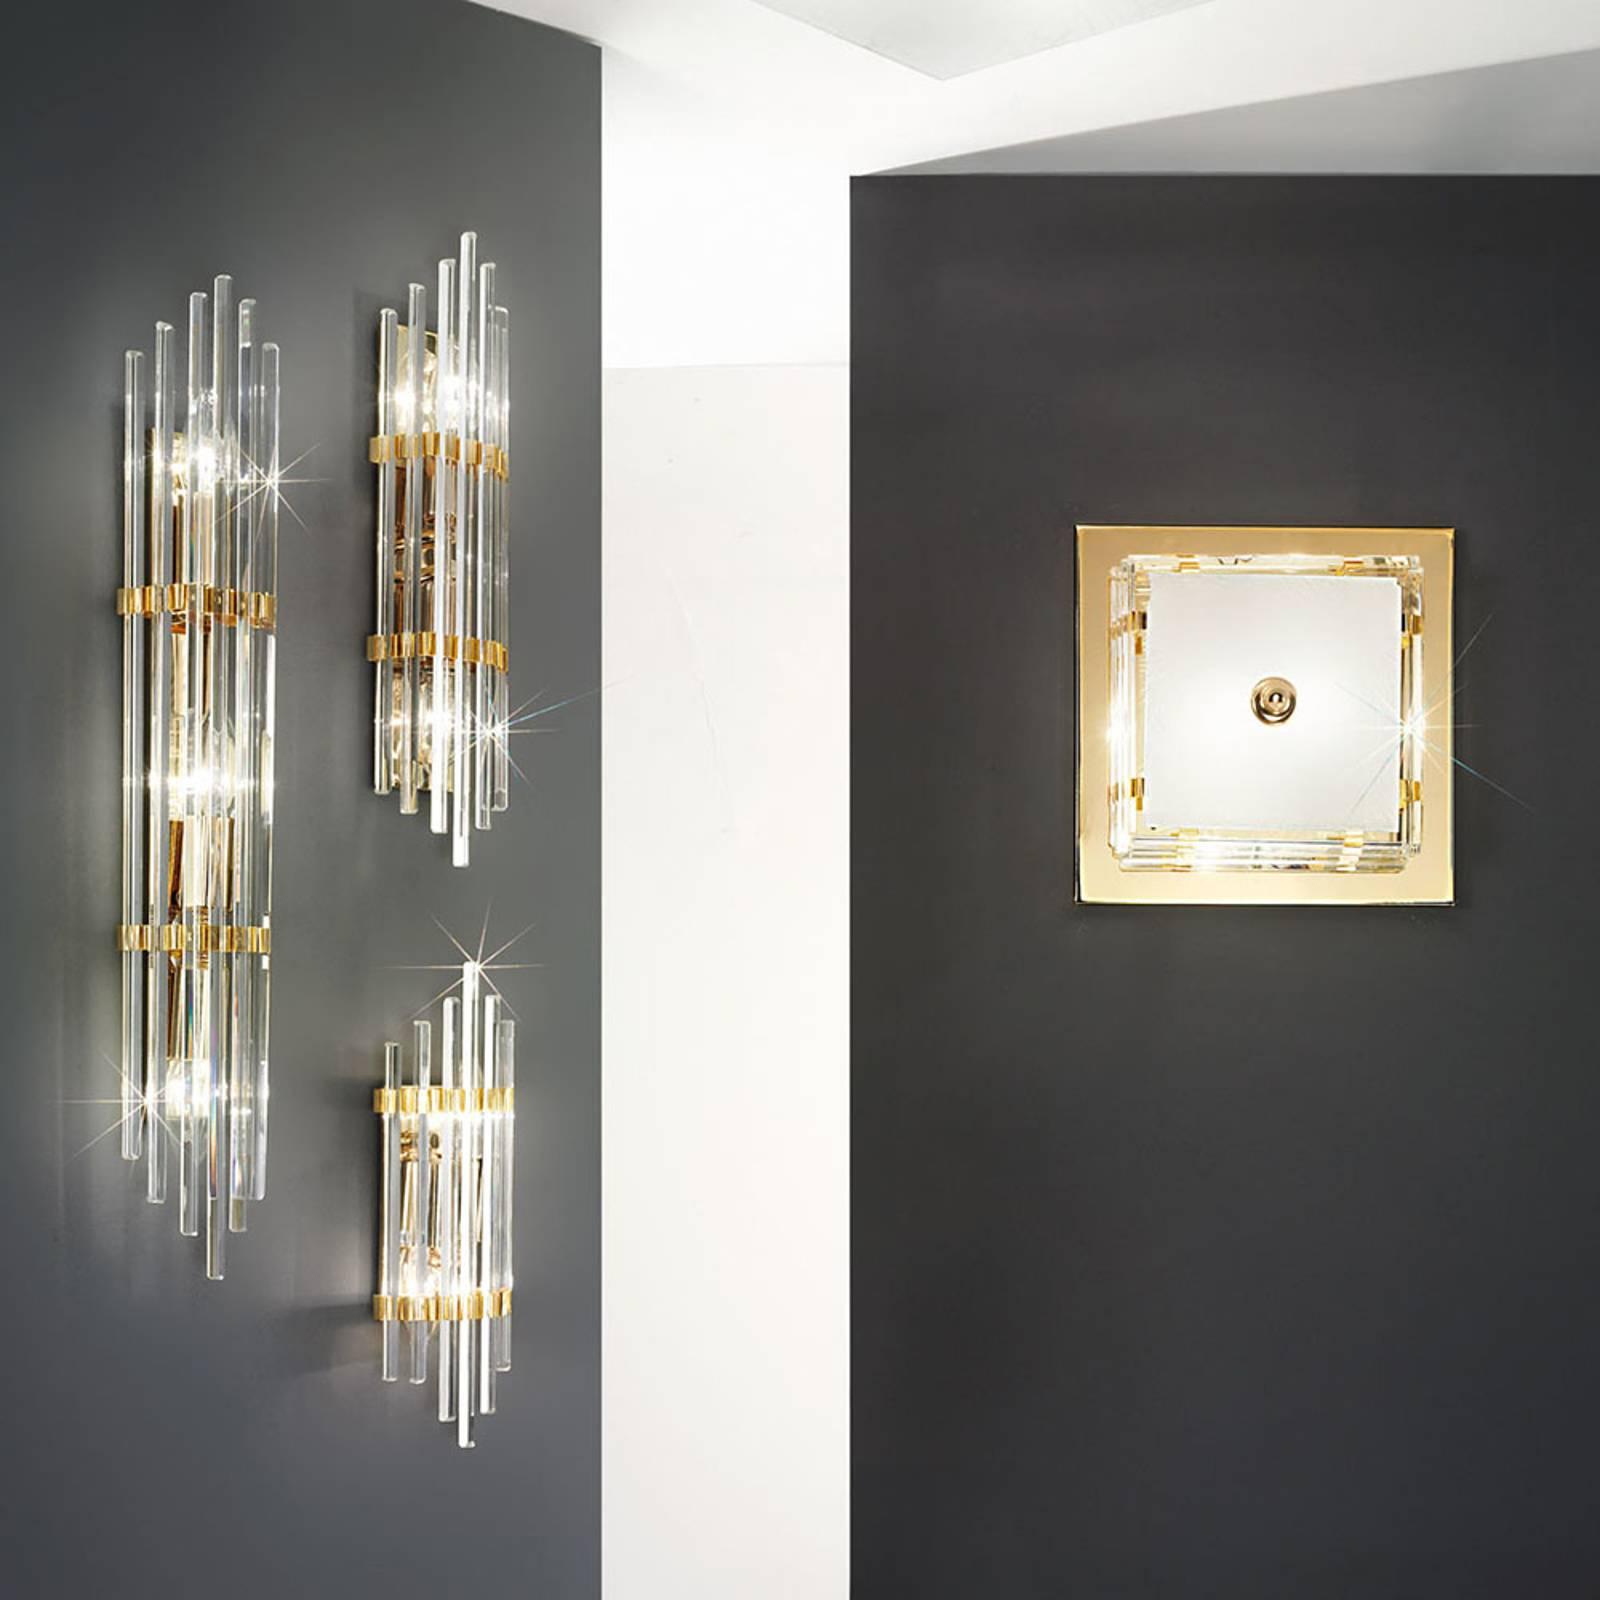 Wandlamp Ontario, hoogte 31 cm, goud